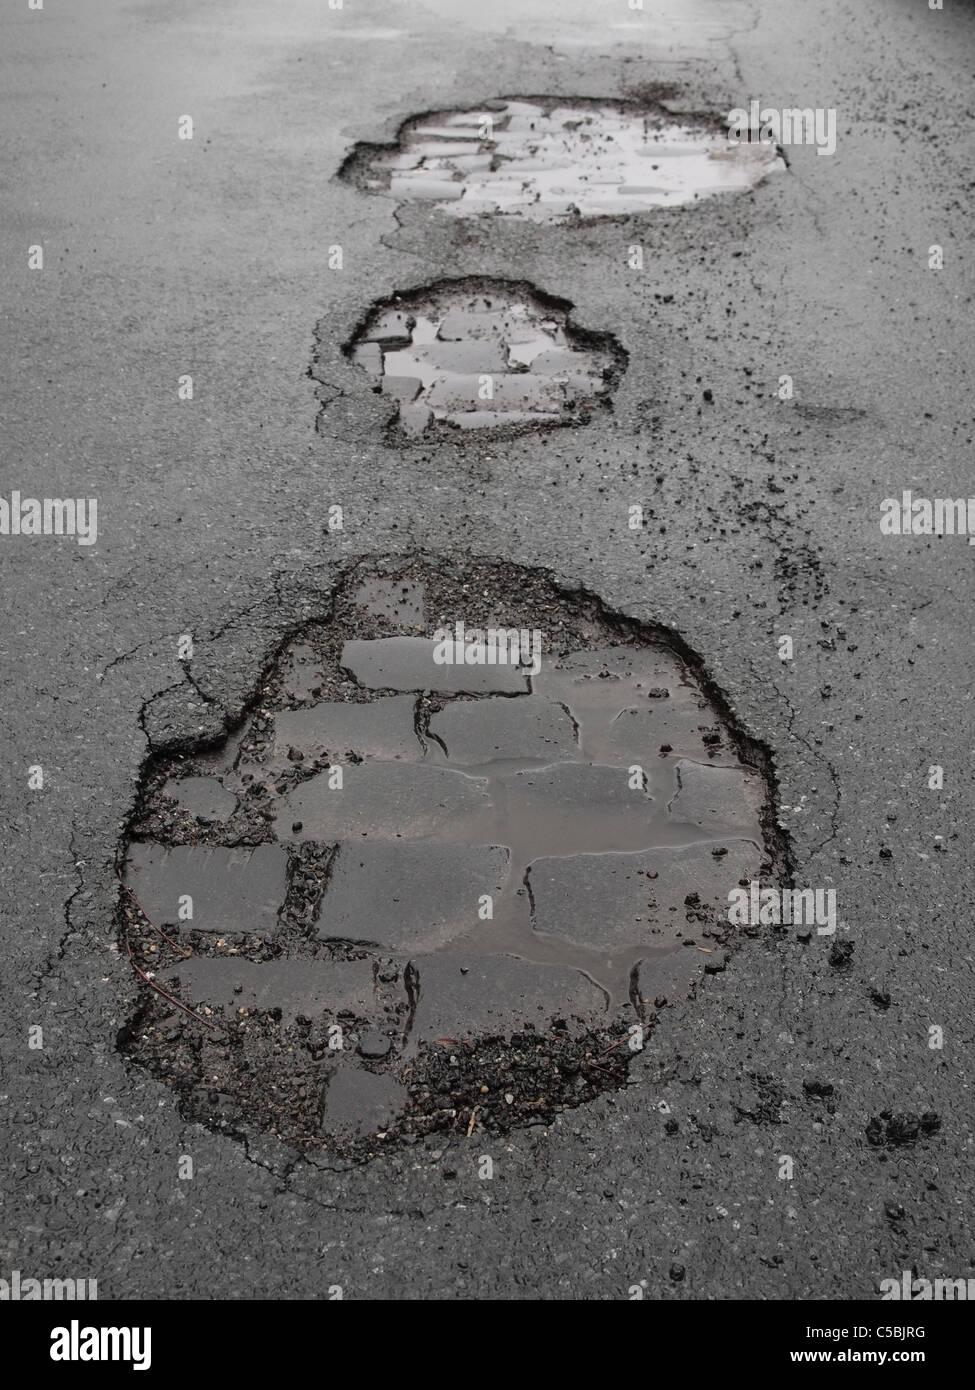 potholes / road damage Stock Photo